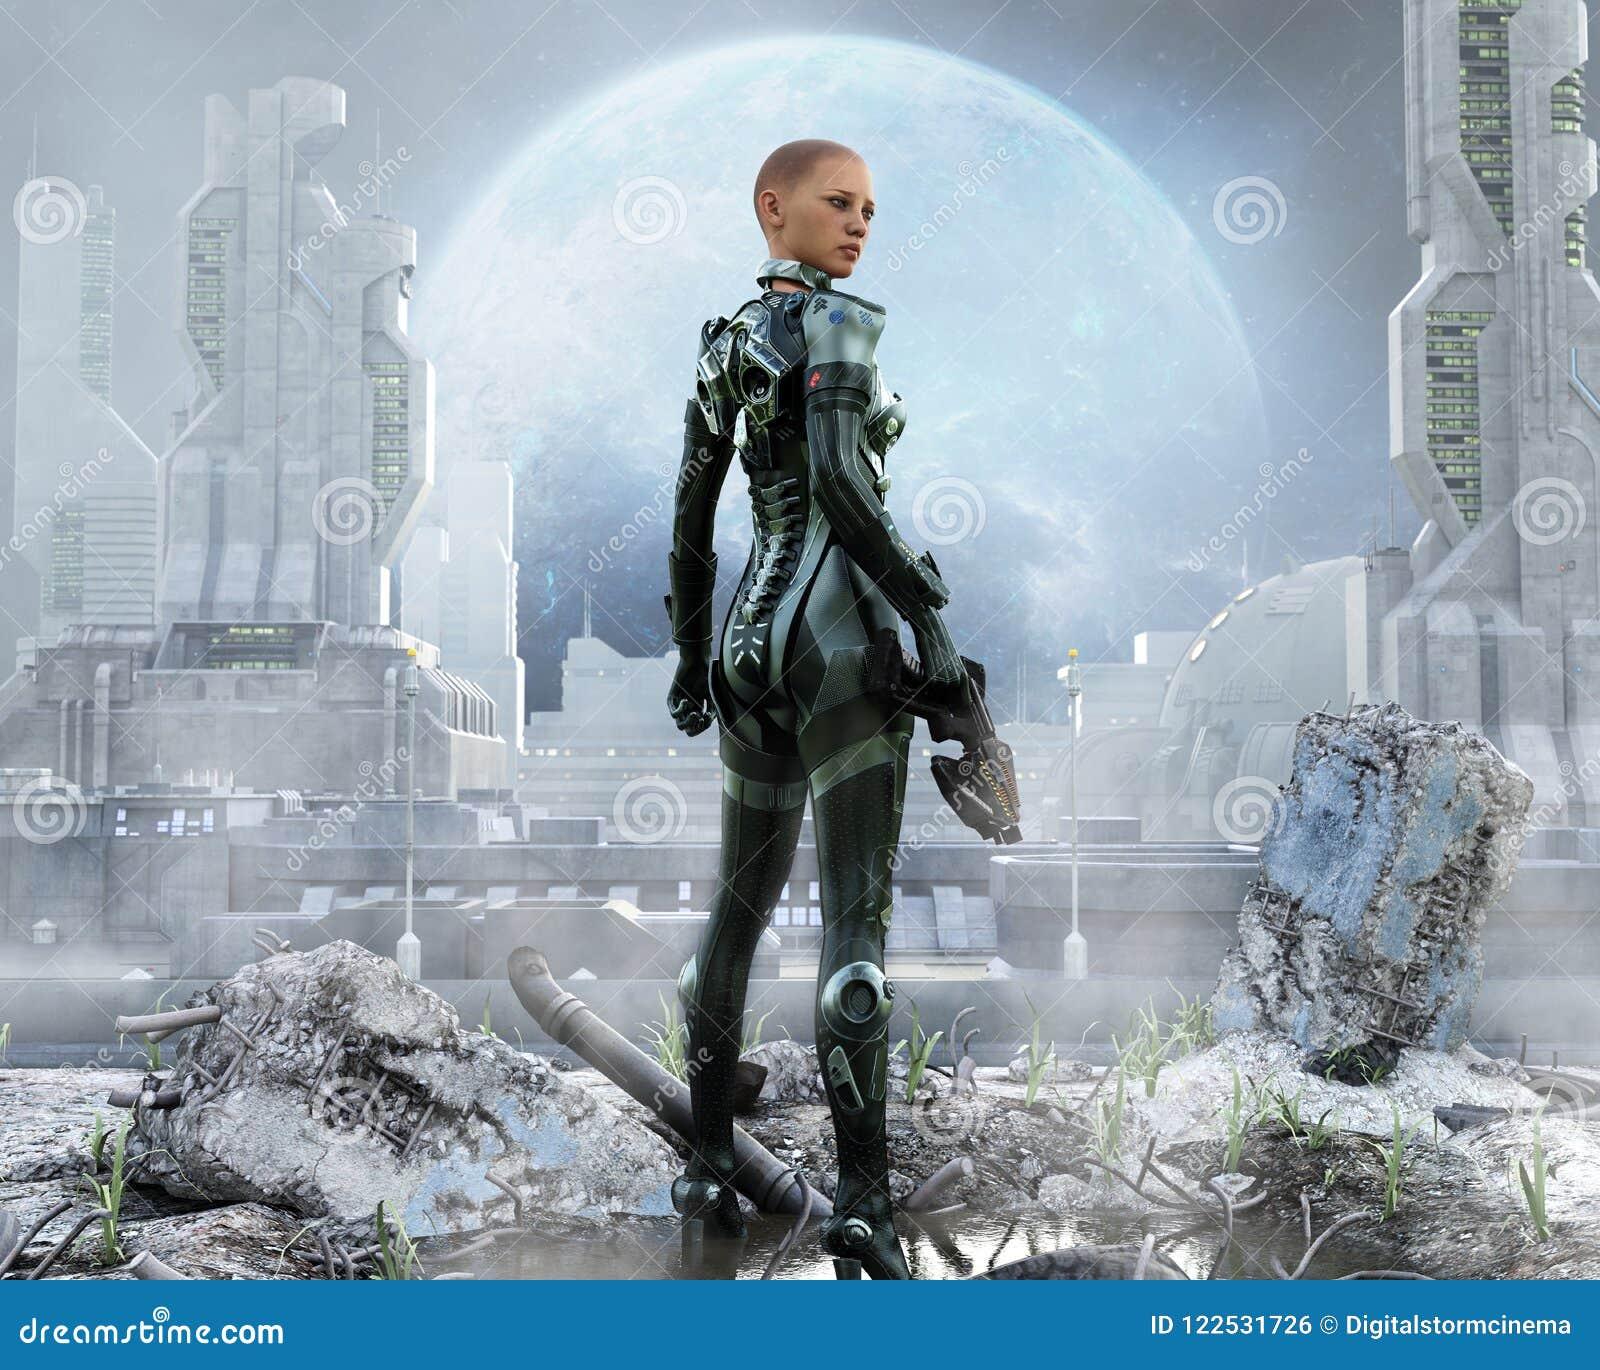 Soldat féminin blindé posant devant une ville futuriste